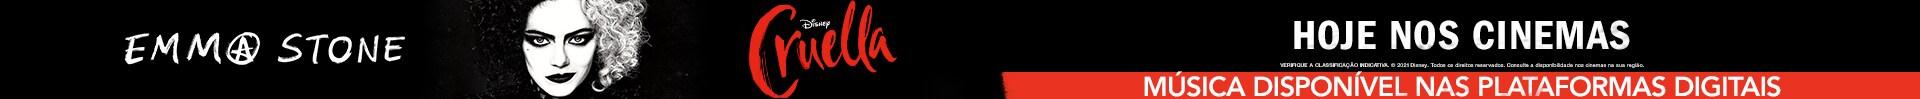 Top_Hub Cruella_Music